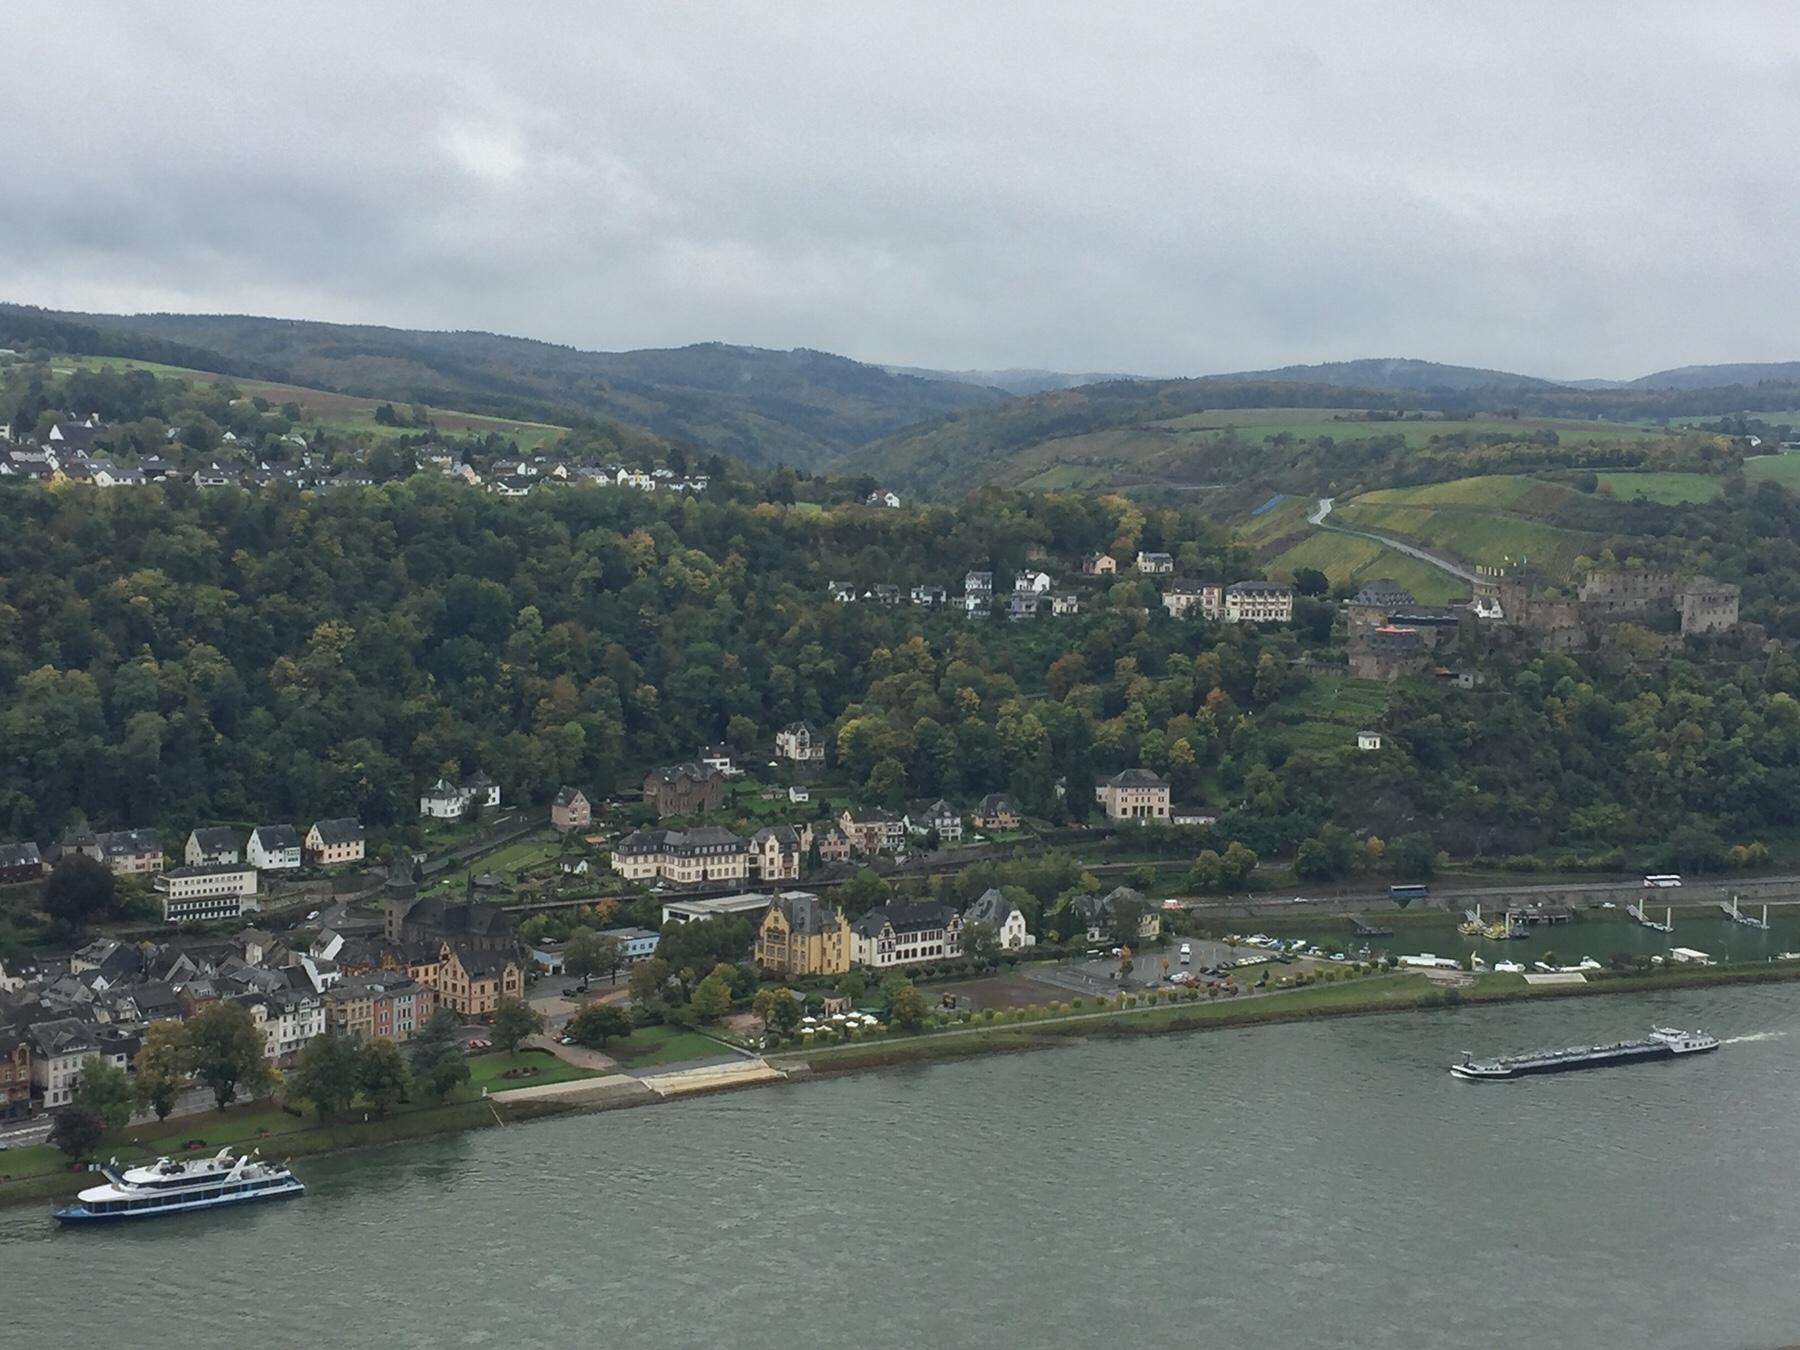 Blick bis zum Veranstaltungsgelände rund um die Loreley, Rheinsteig